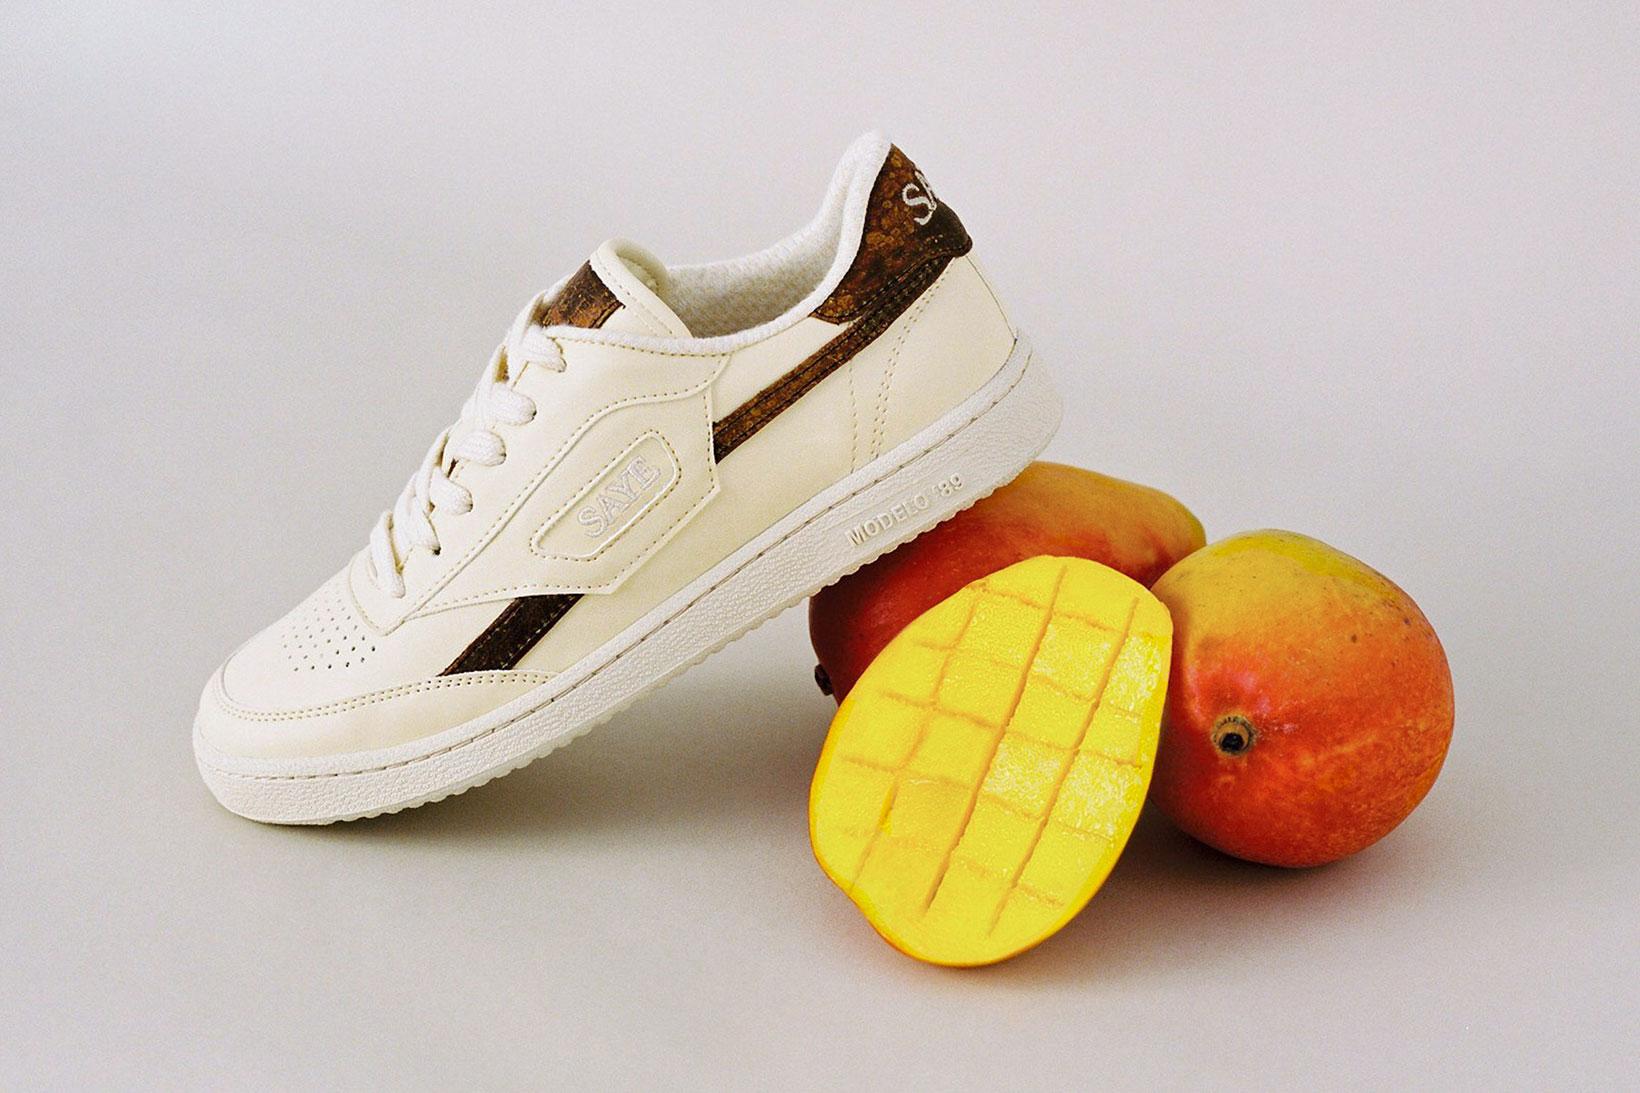 SAYE lanzó estas nuevas zapatillas ecológicas hechas de mangos reciclados